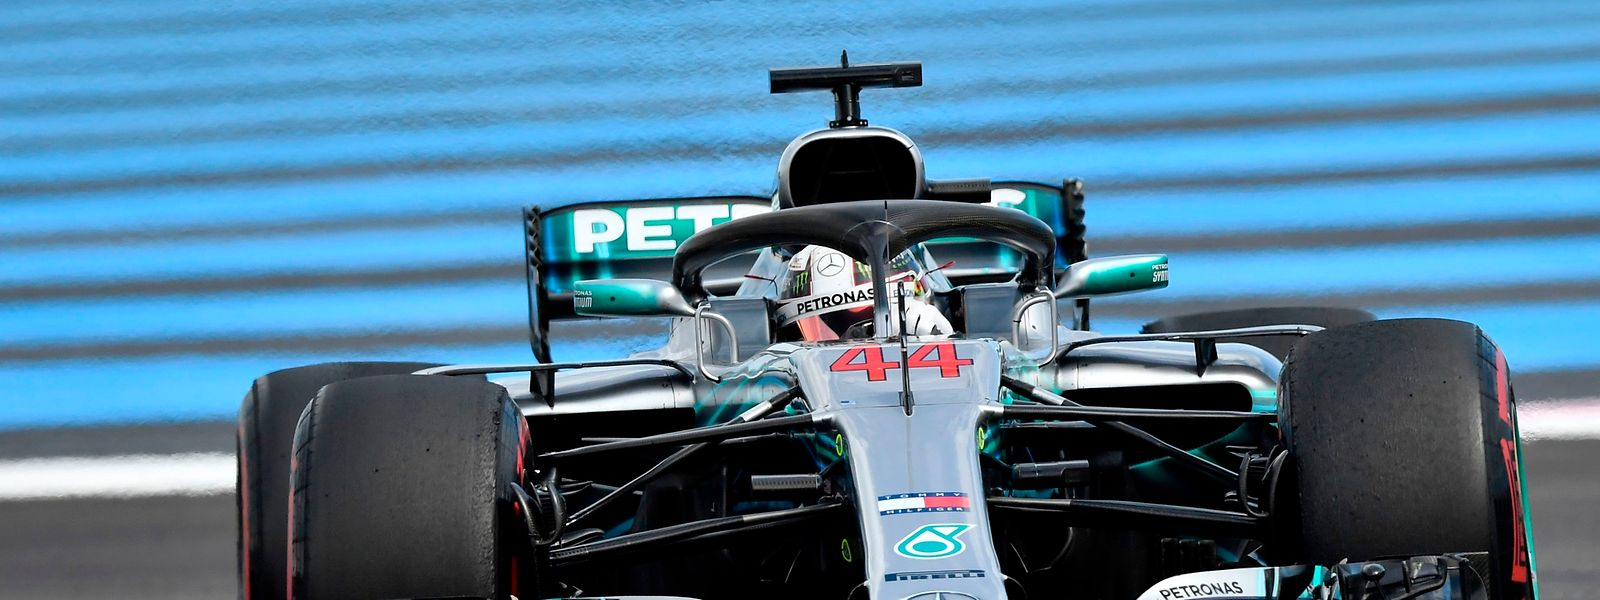 Lewis Hamilton gewann bereits drei Rennen in dieser Saison.